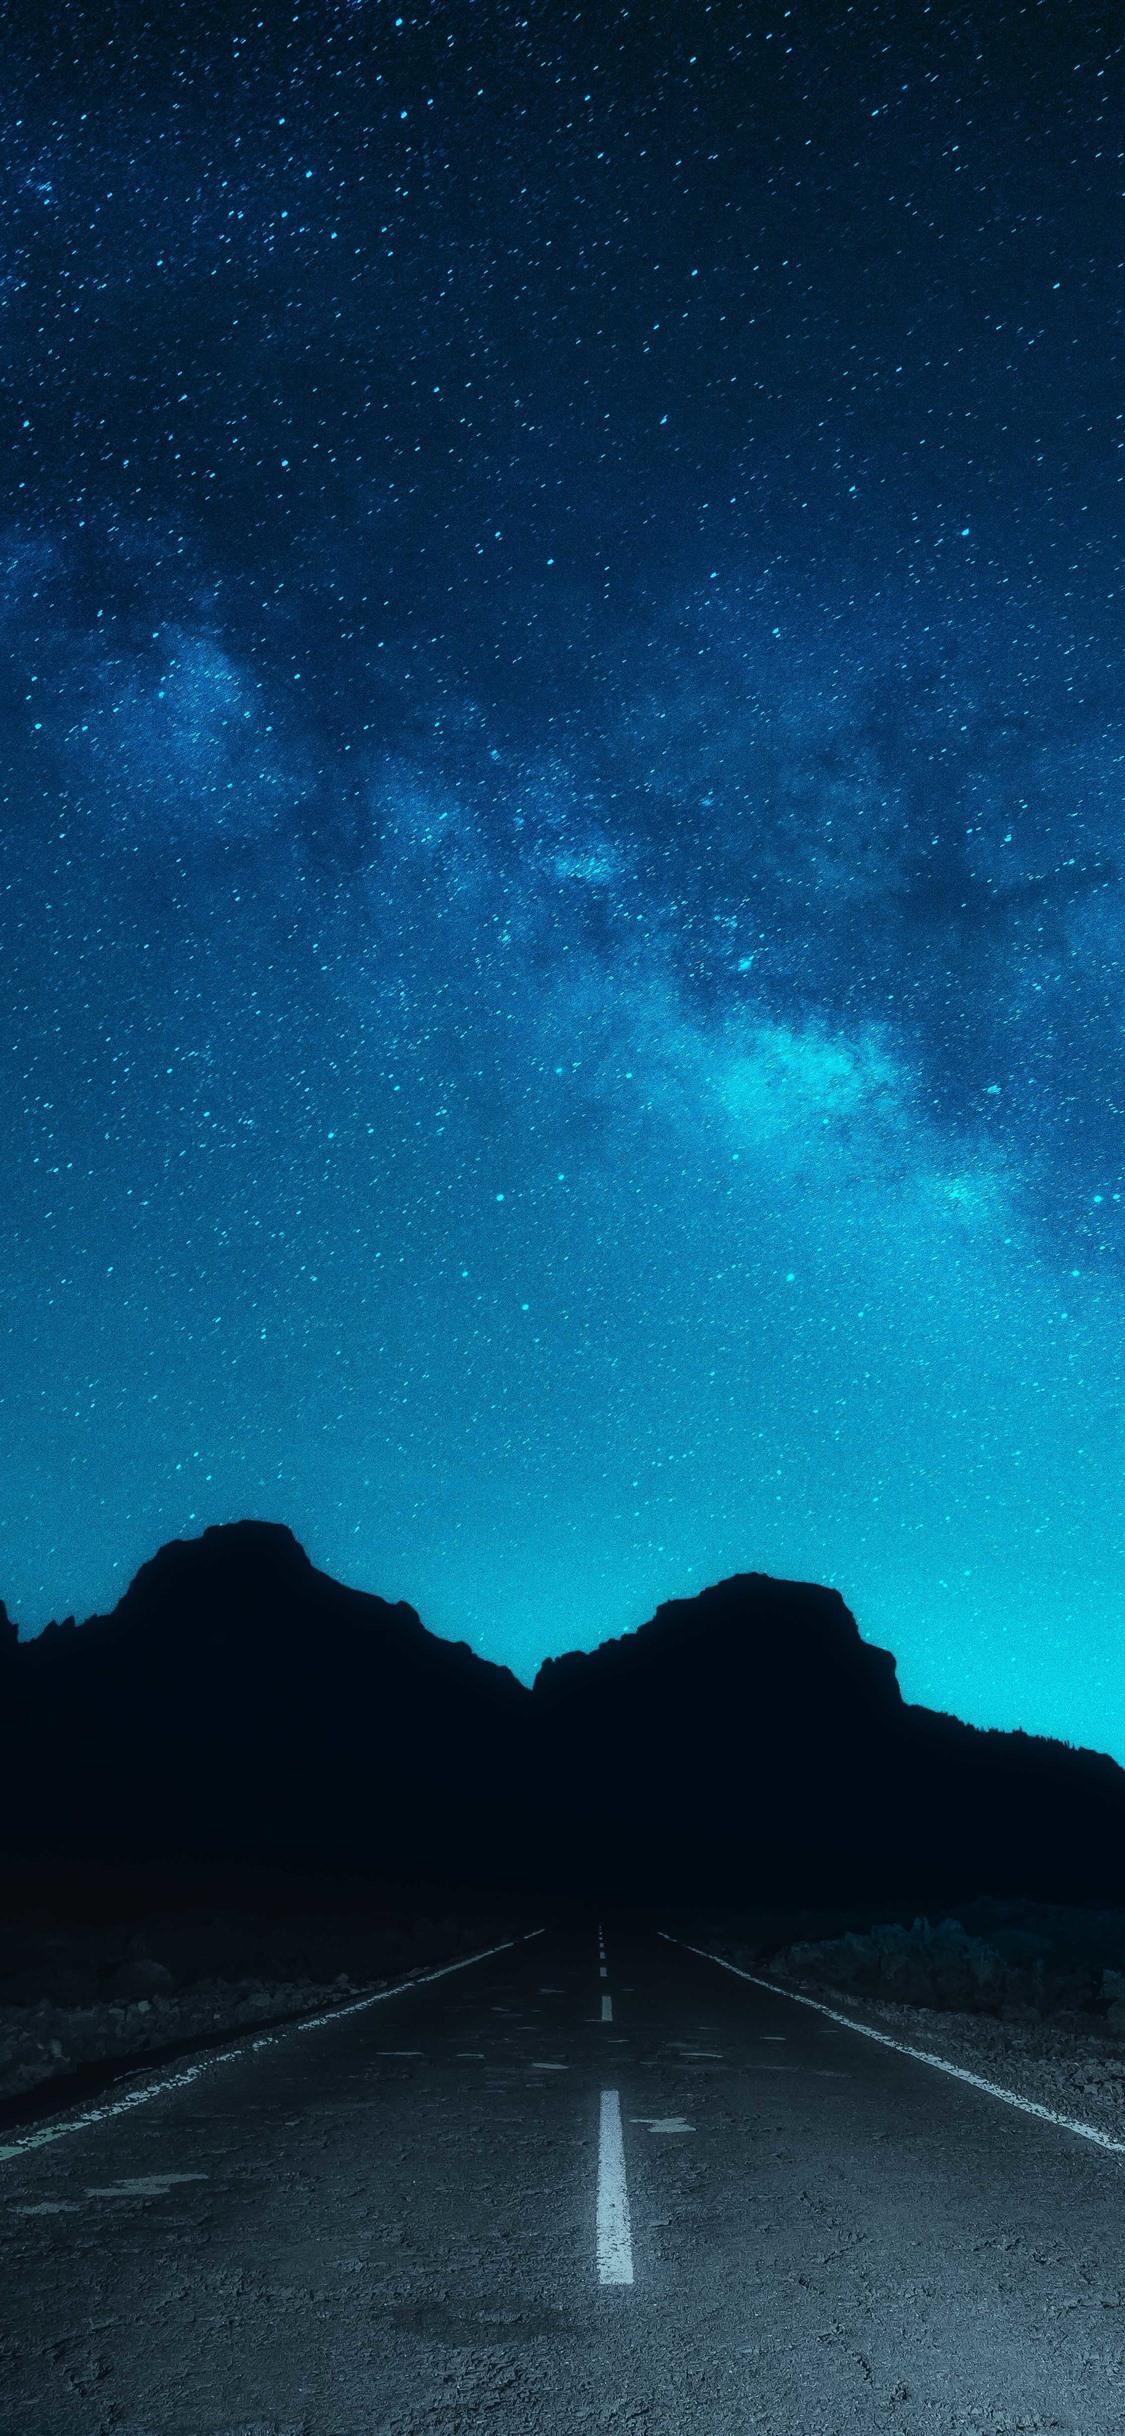 壁紙 美しい夜空 星空 道路 51x Uhd 5k 無料のデスクトップの背景 画像